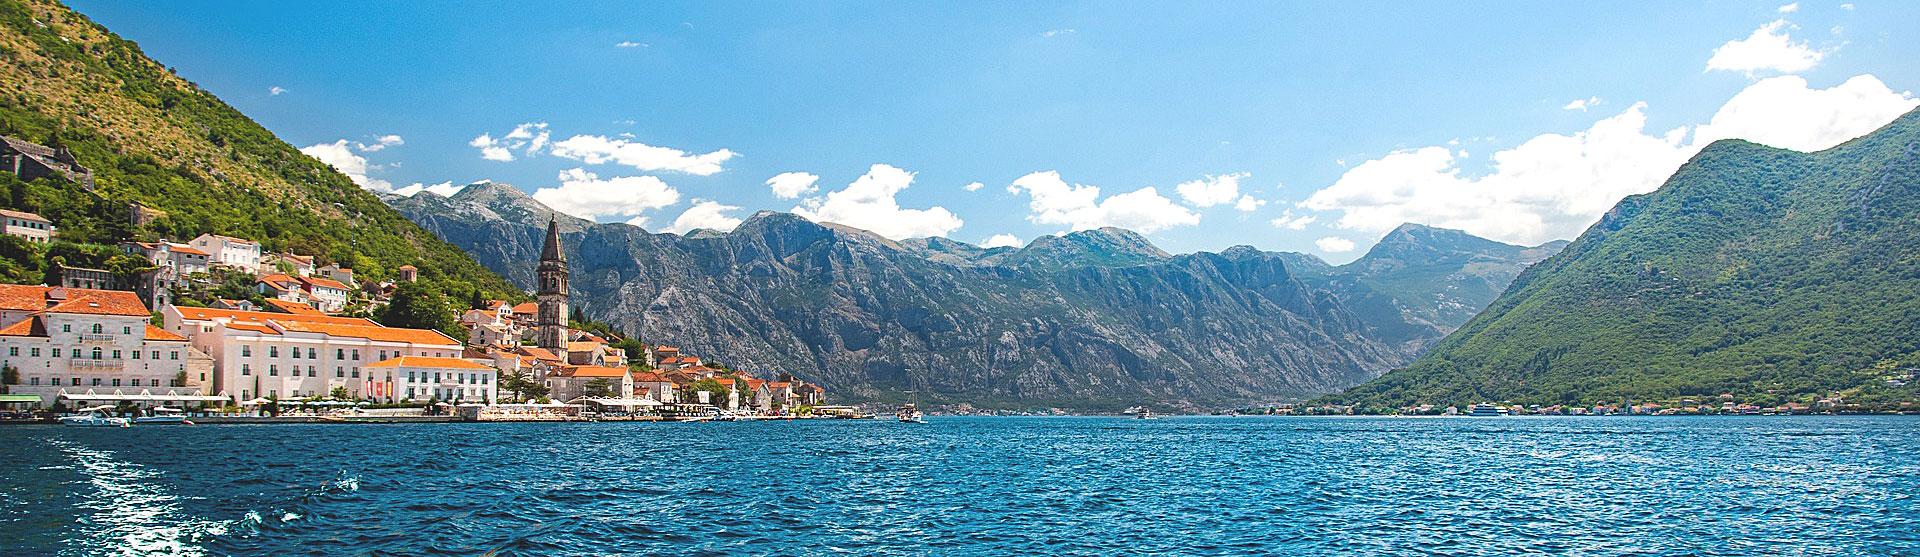 Perast Bucht Montenegro